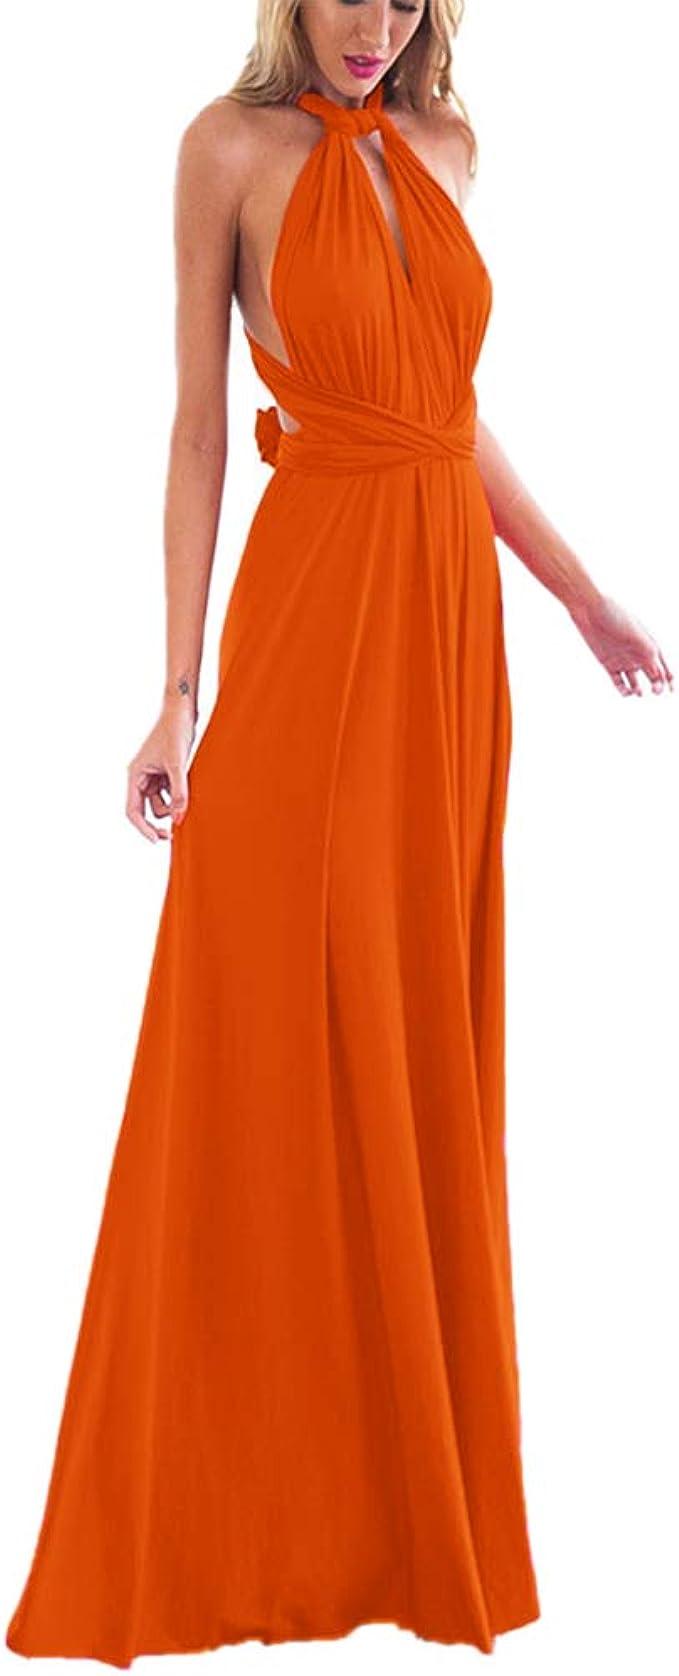 Damen Frauen Multi-tragen Kreuz Halfter Abendkleid Brautjungfer Langes  Kleid Multiway-Kleid V-Ausschnitt Rückenfrei Maxikleid Sommerkleider